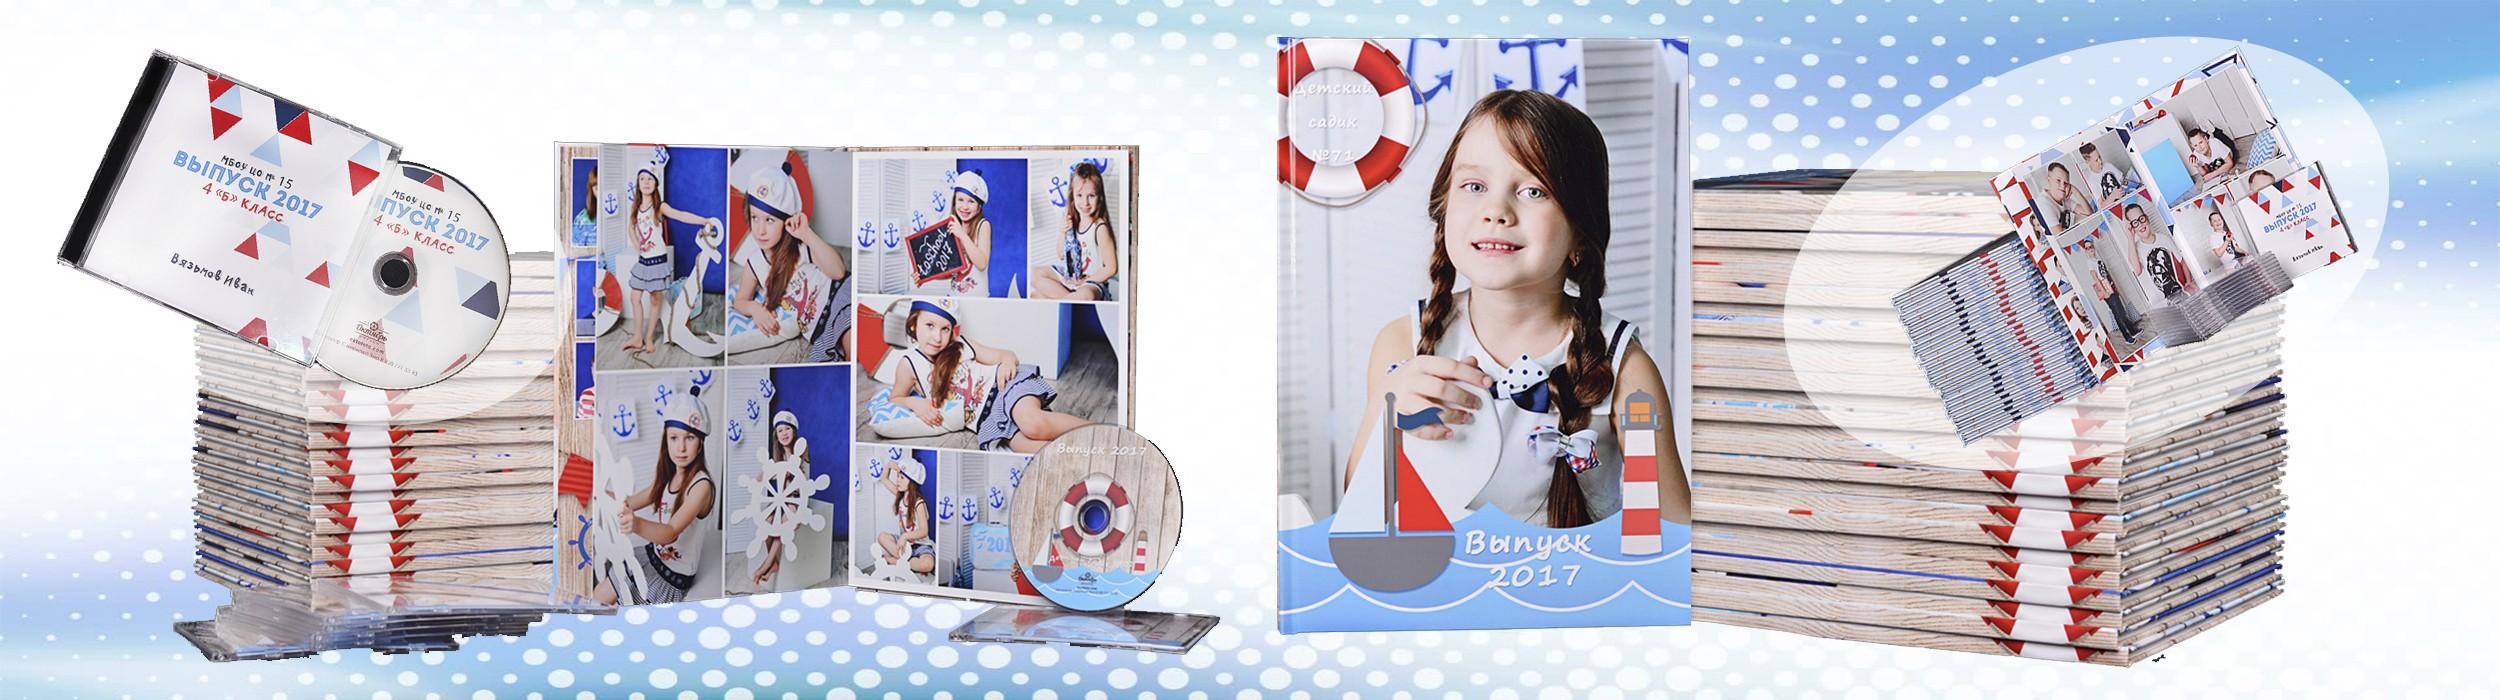 Фотоальбом выпускной